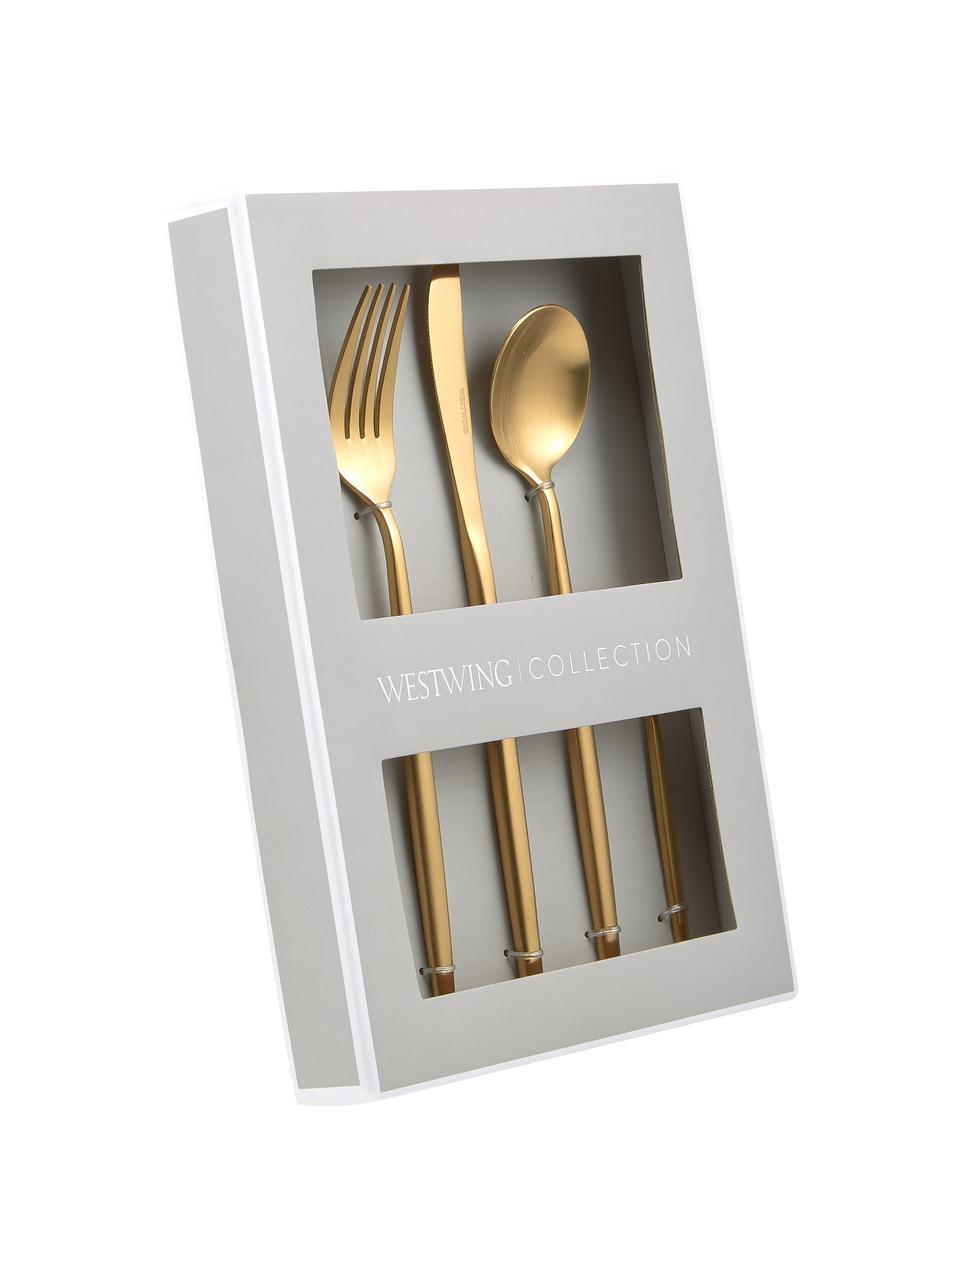 Set posate dorate in acciaio inossidabile dorato Kaylah, Coltello: acciaio inossidabile 13/0, Oro, 4 persone (20 pz)